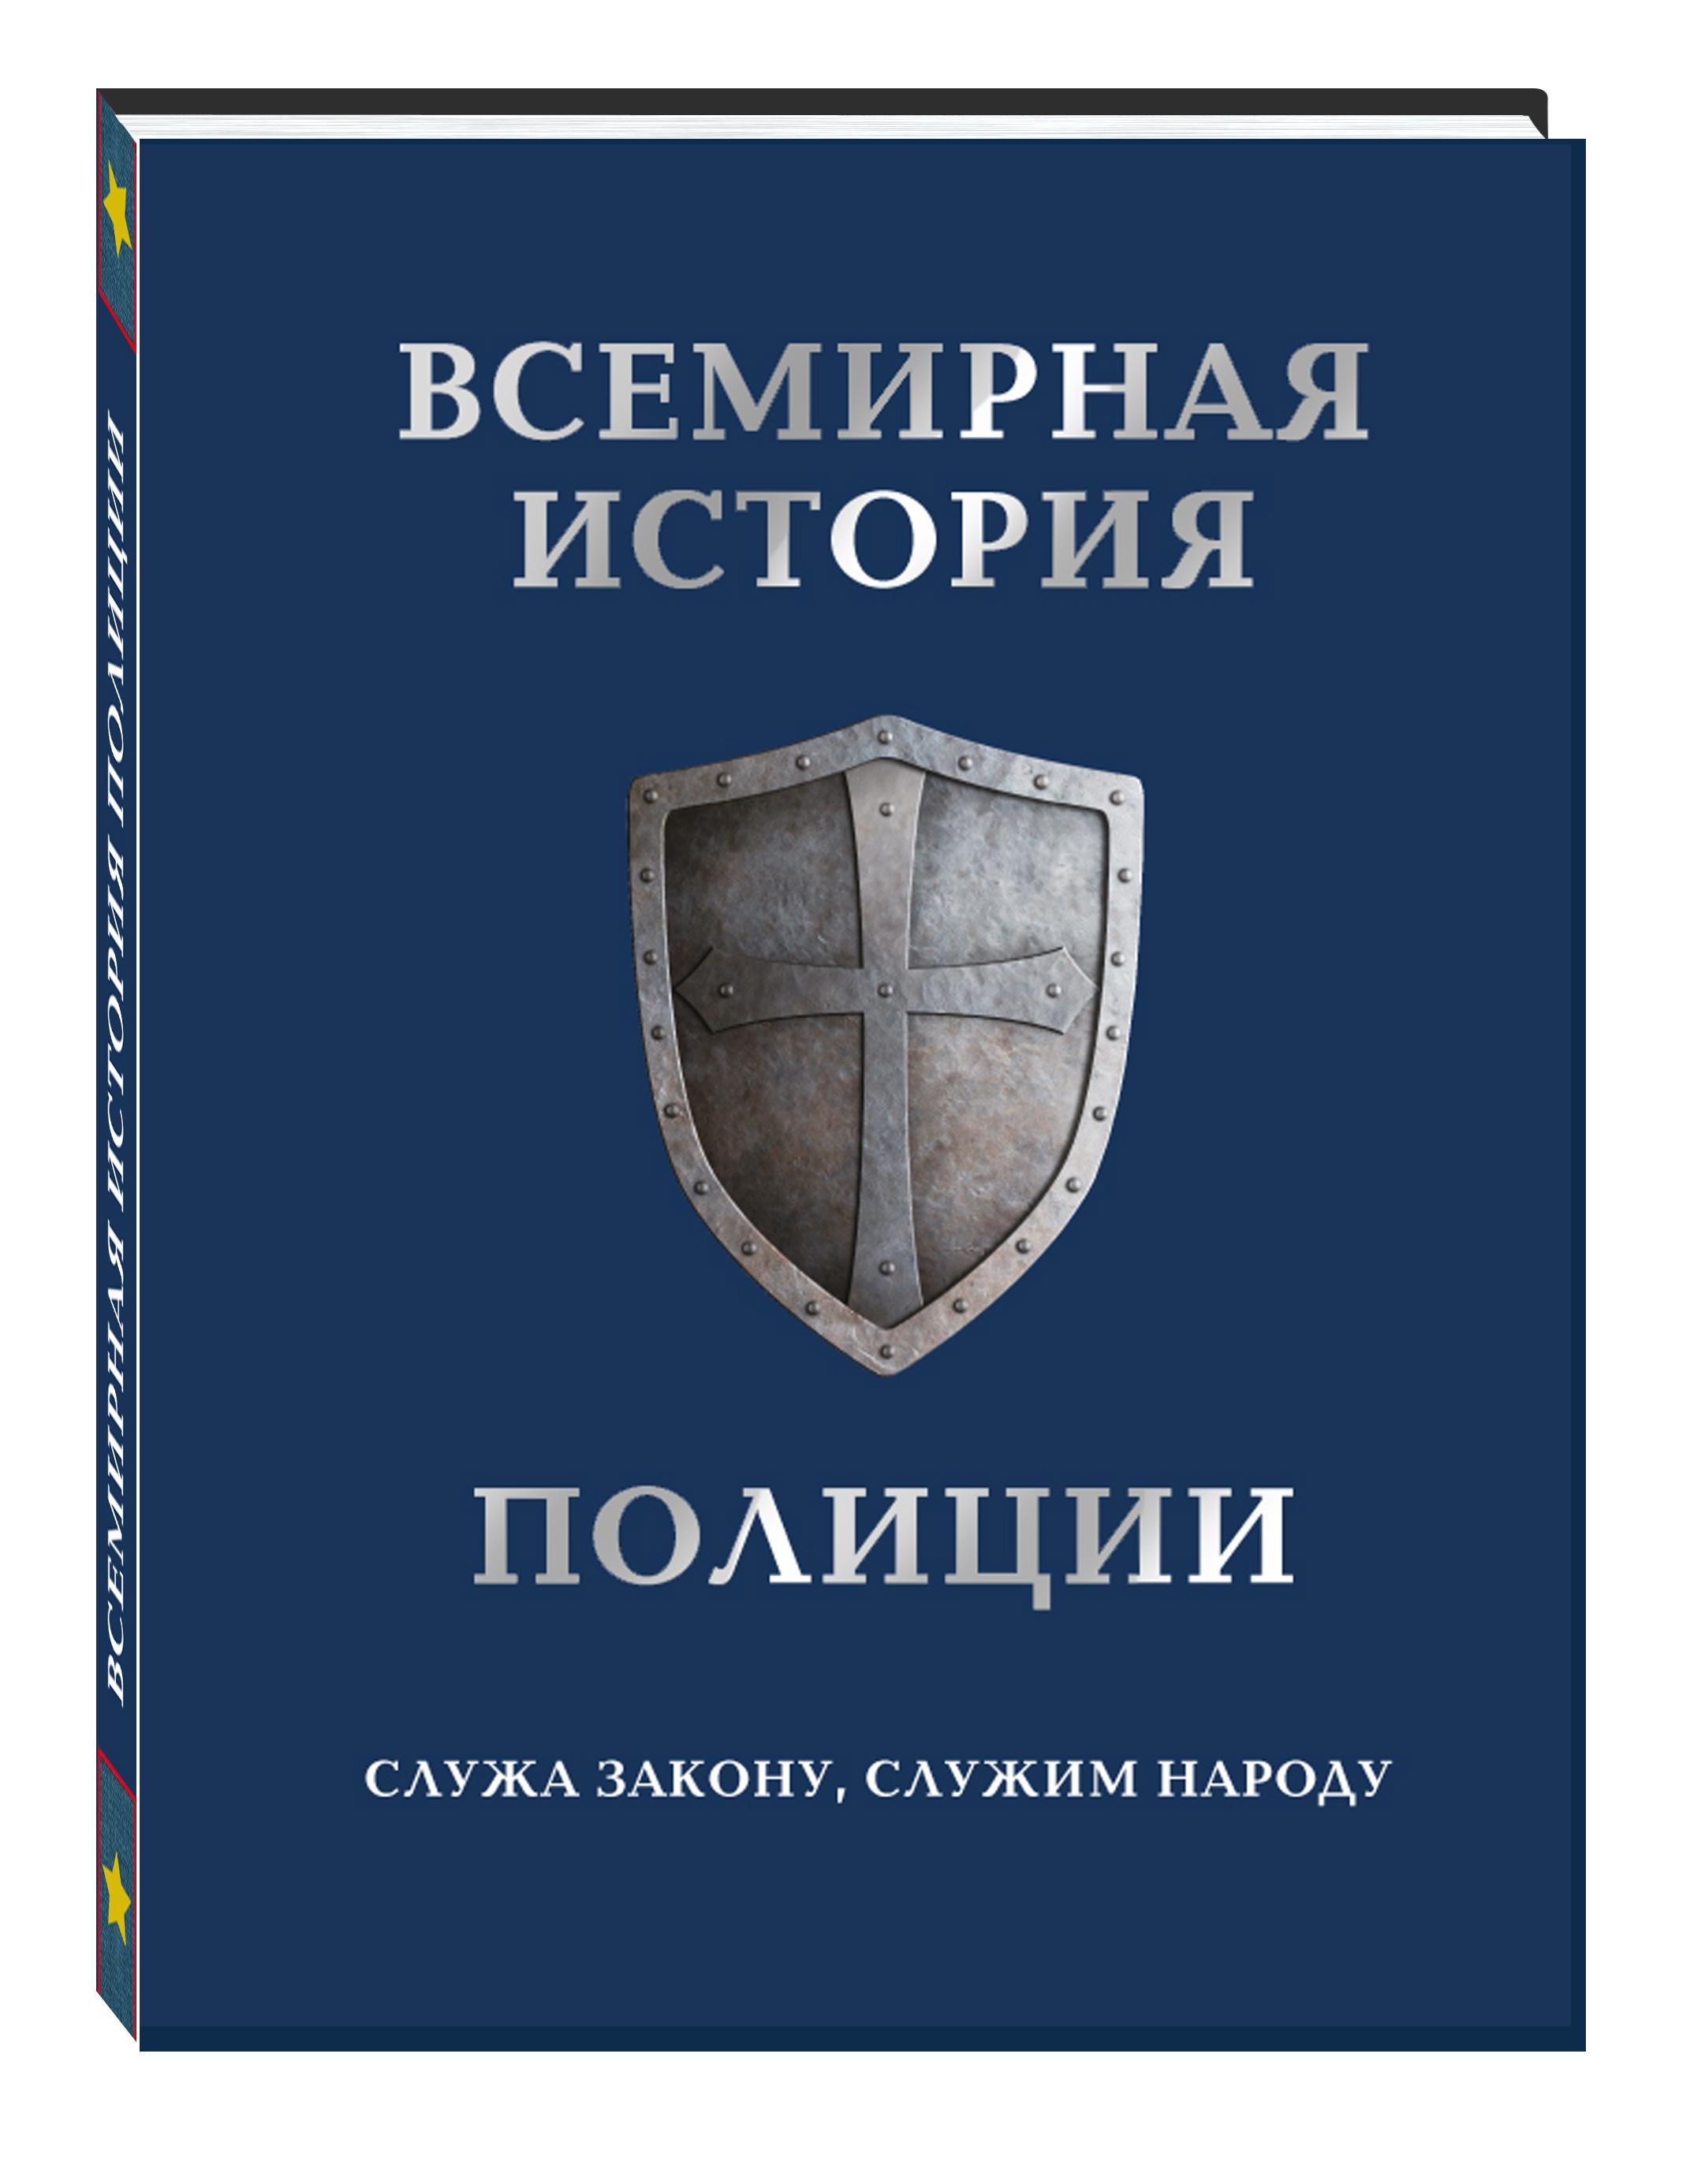 Всемирная история полиции ( Матвиенко А., Лурье П.  )